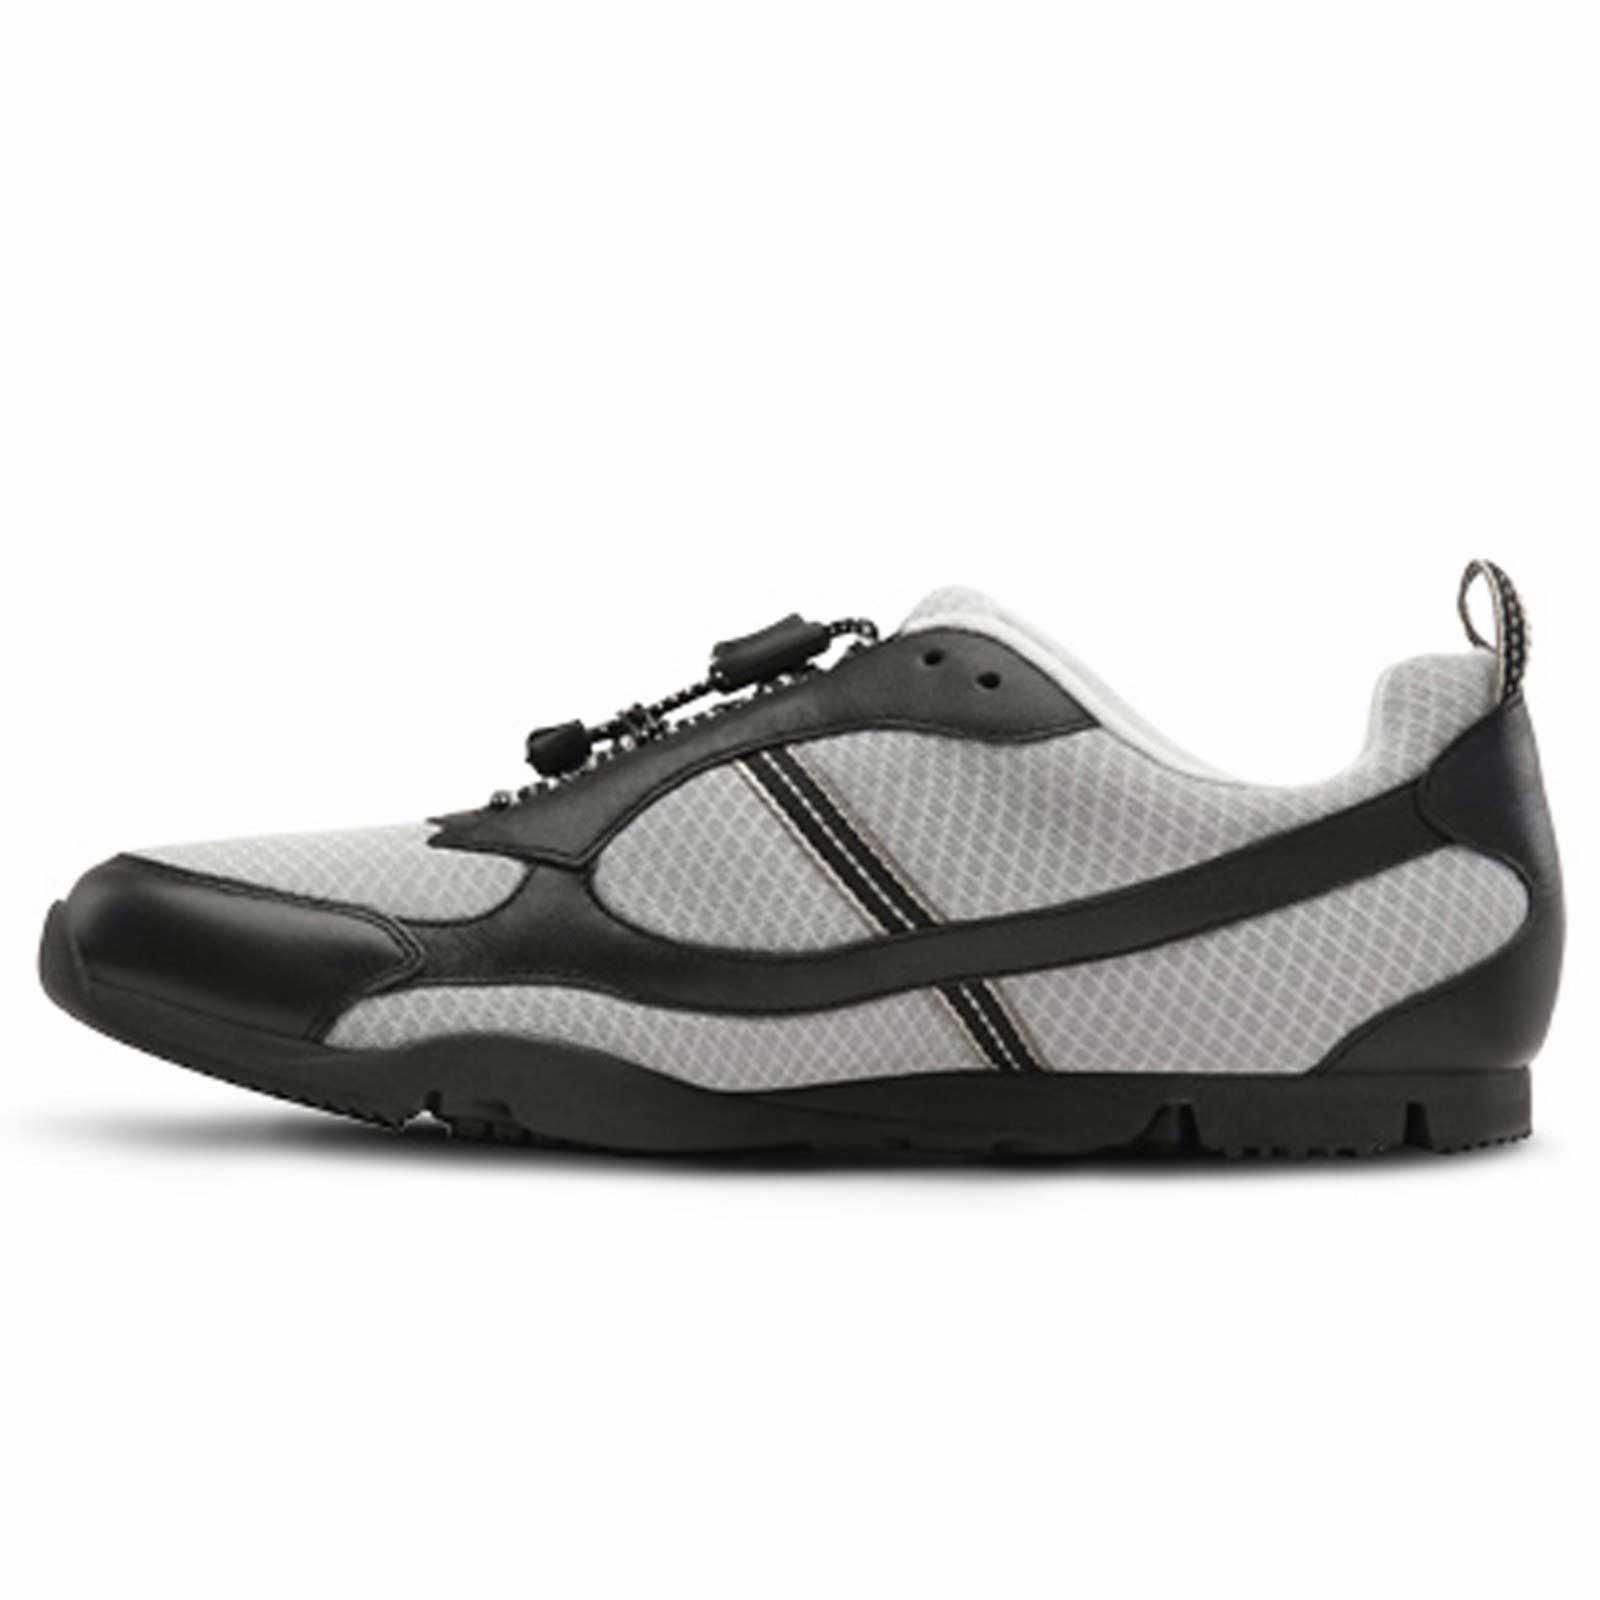 Dr Comfort Gary Flex Oa Men S Shoe For Knee Pain